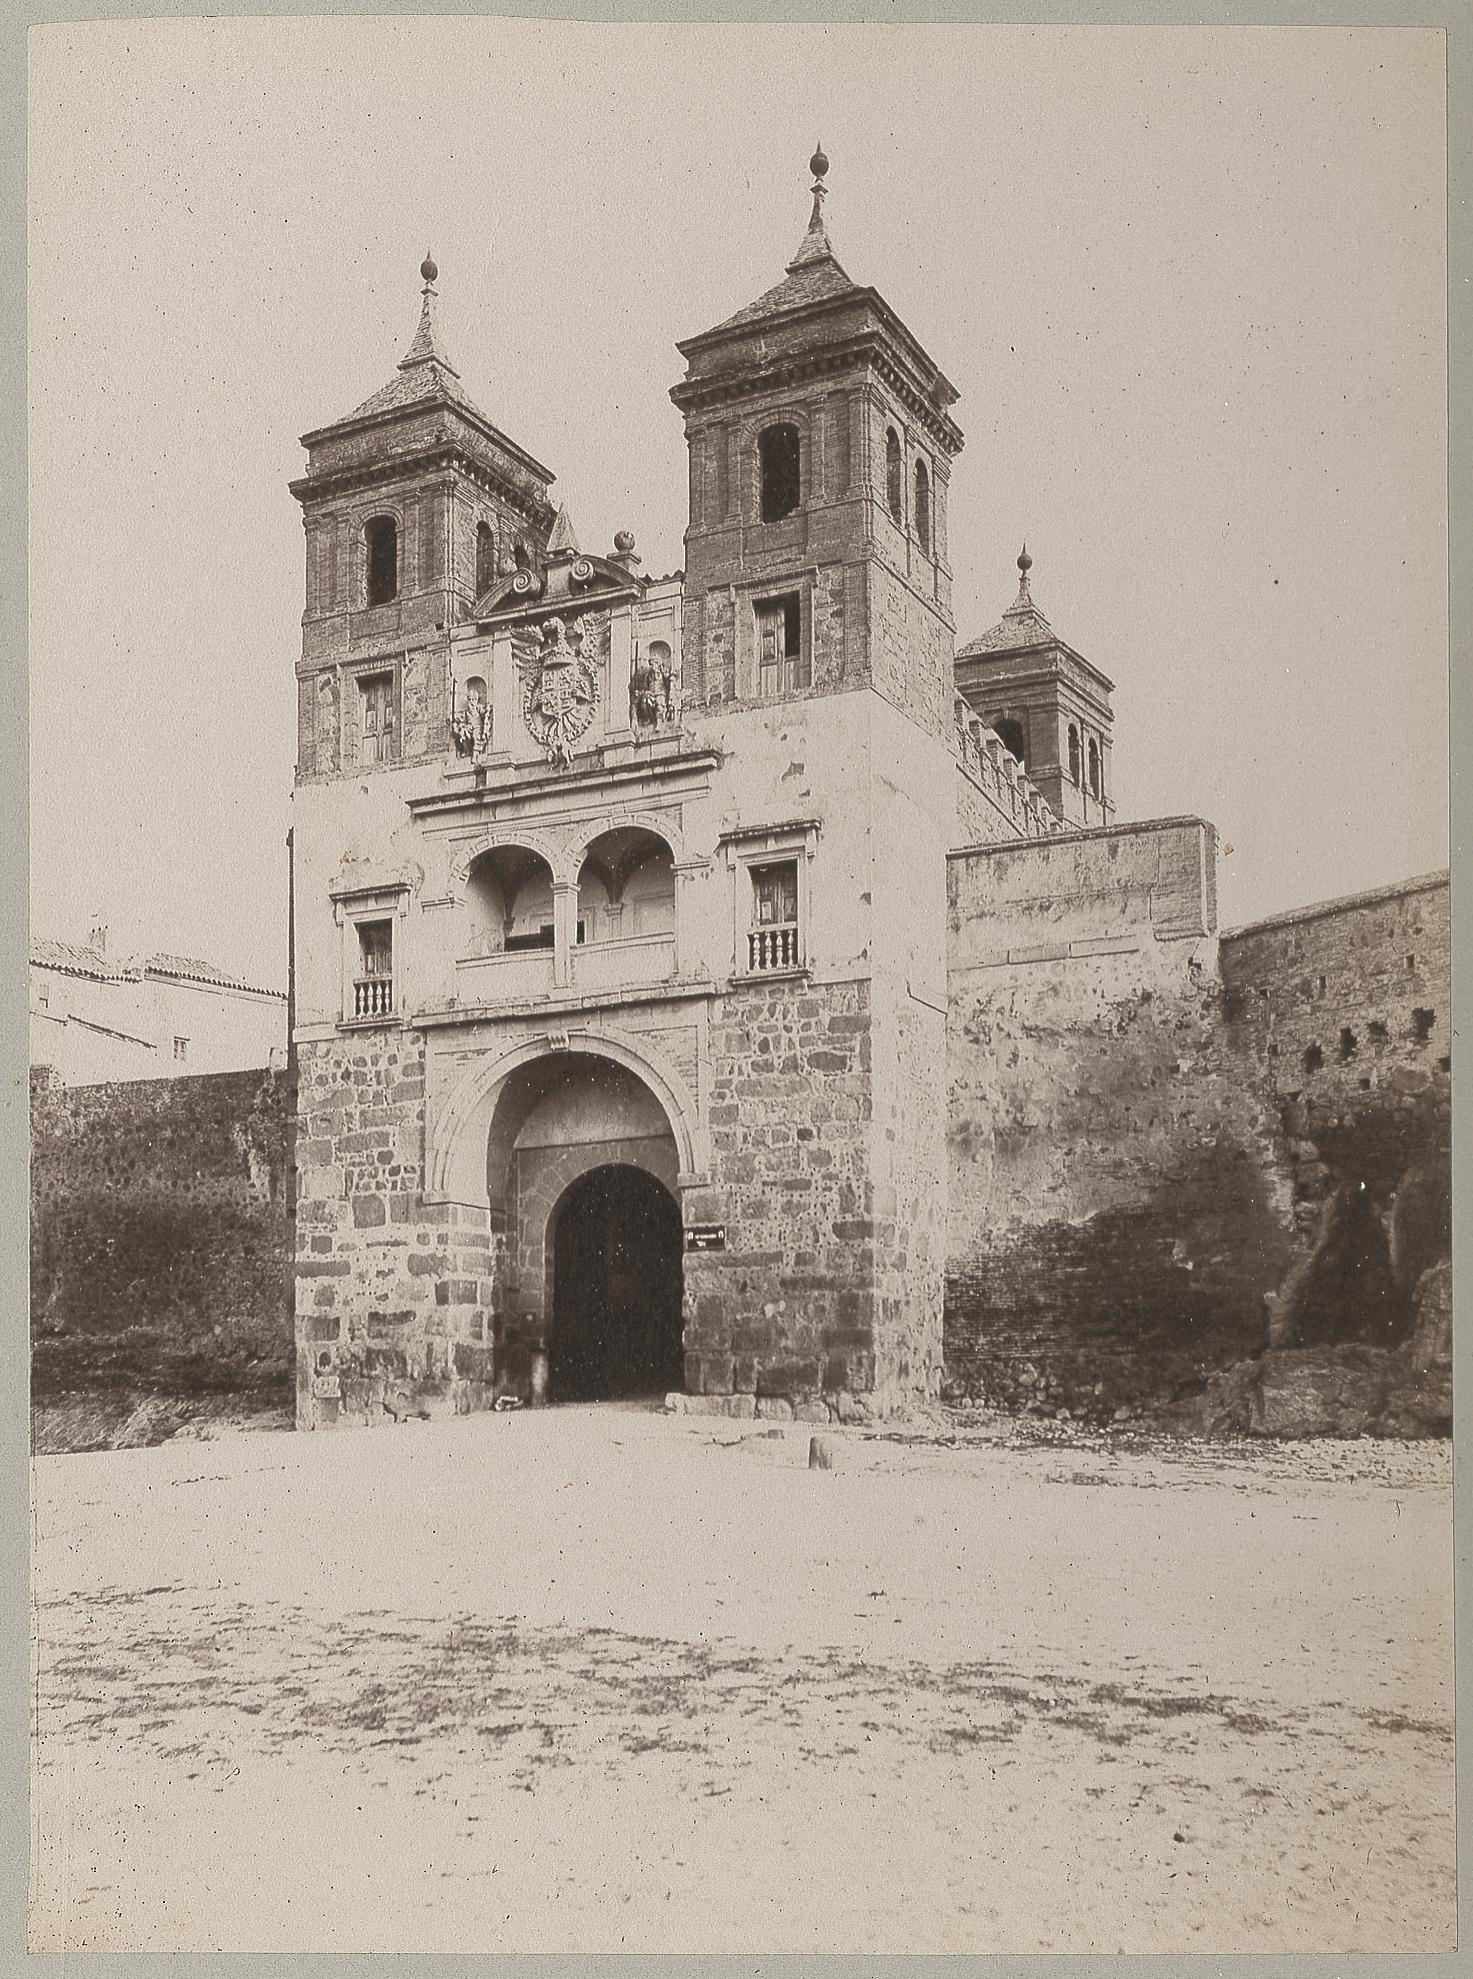 Puerta del Cambrón en 1886 © Archives départementales de l'Aude